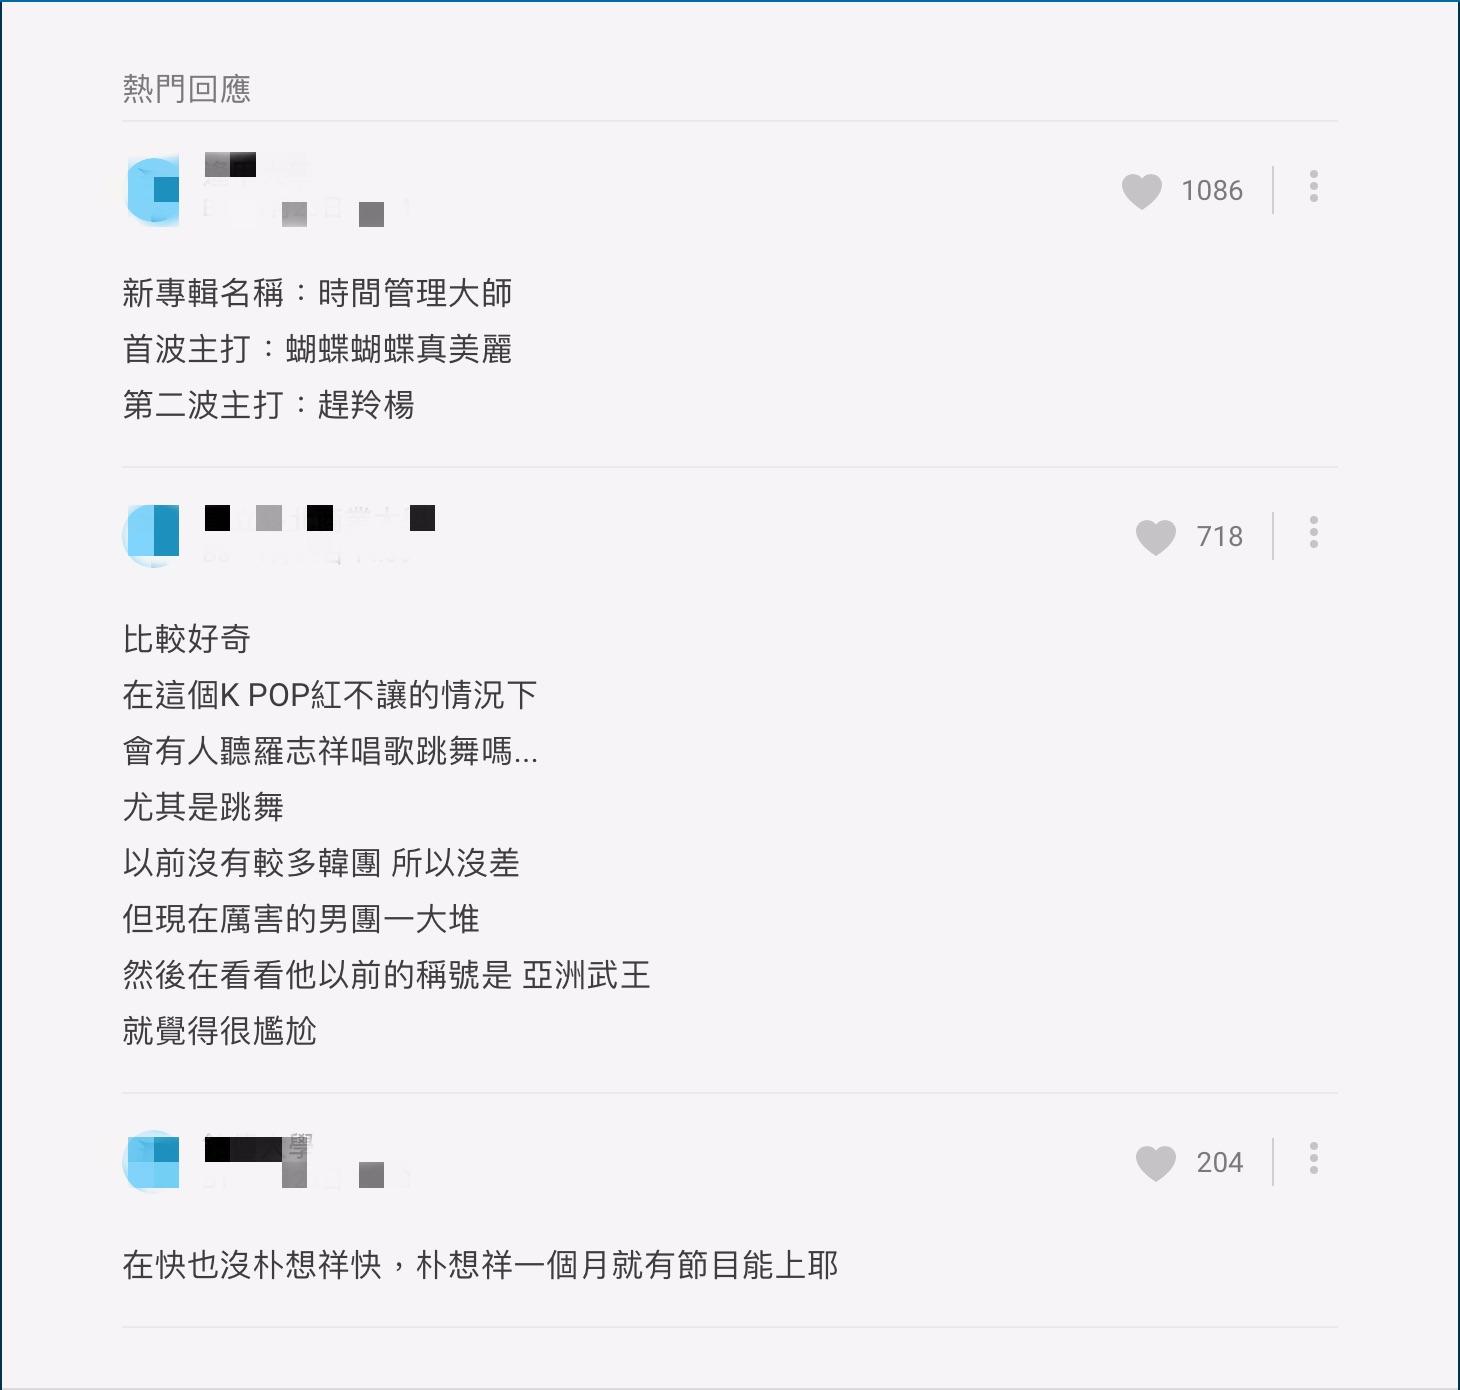 今年復出發新專輯?網成偵探系揪細節 羅志祥「二字」回覆引暴動